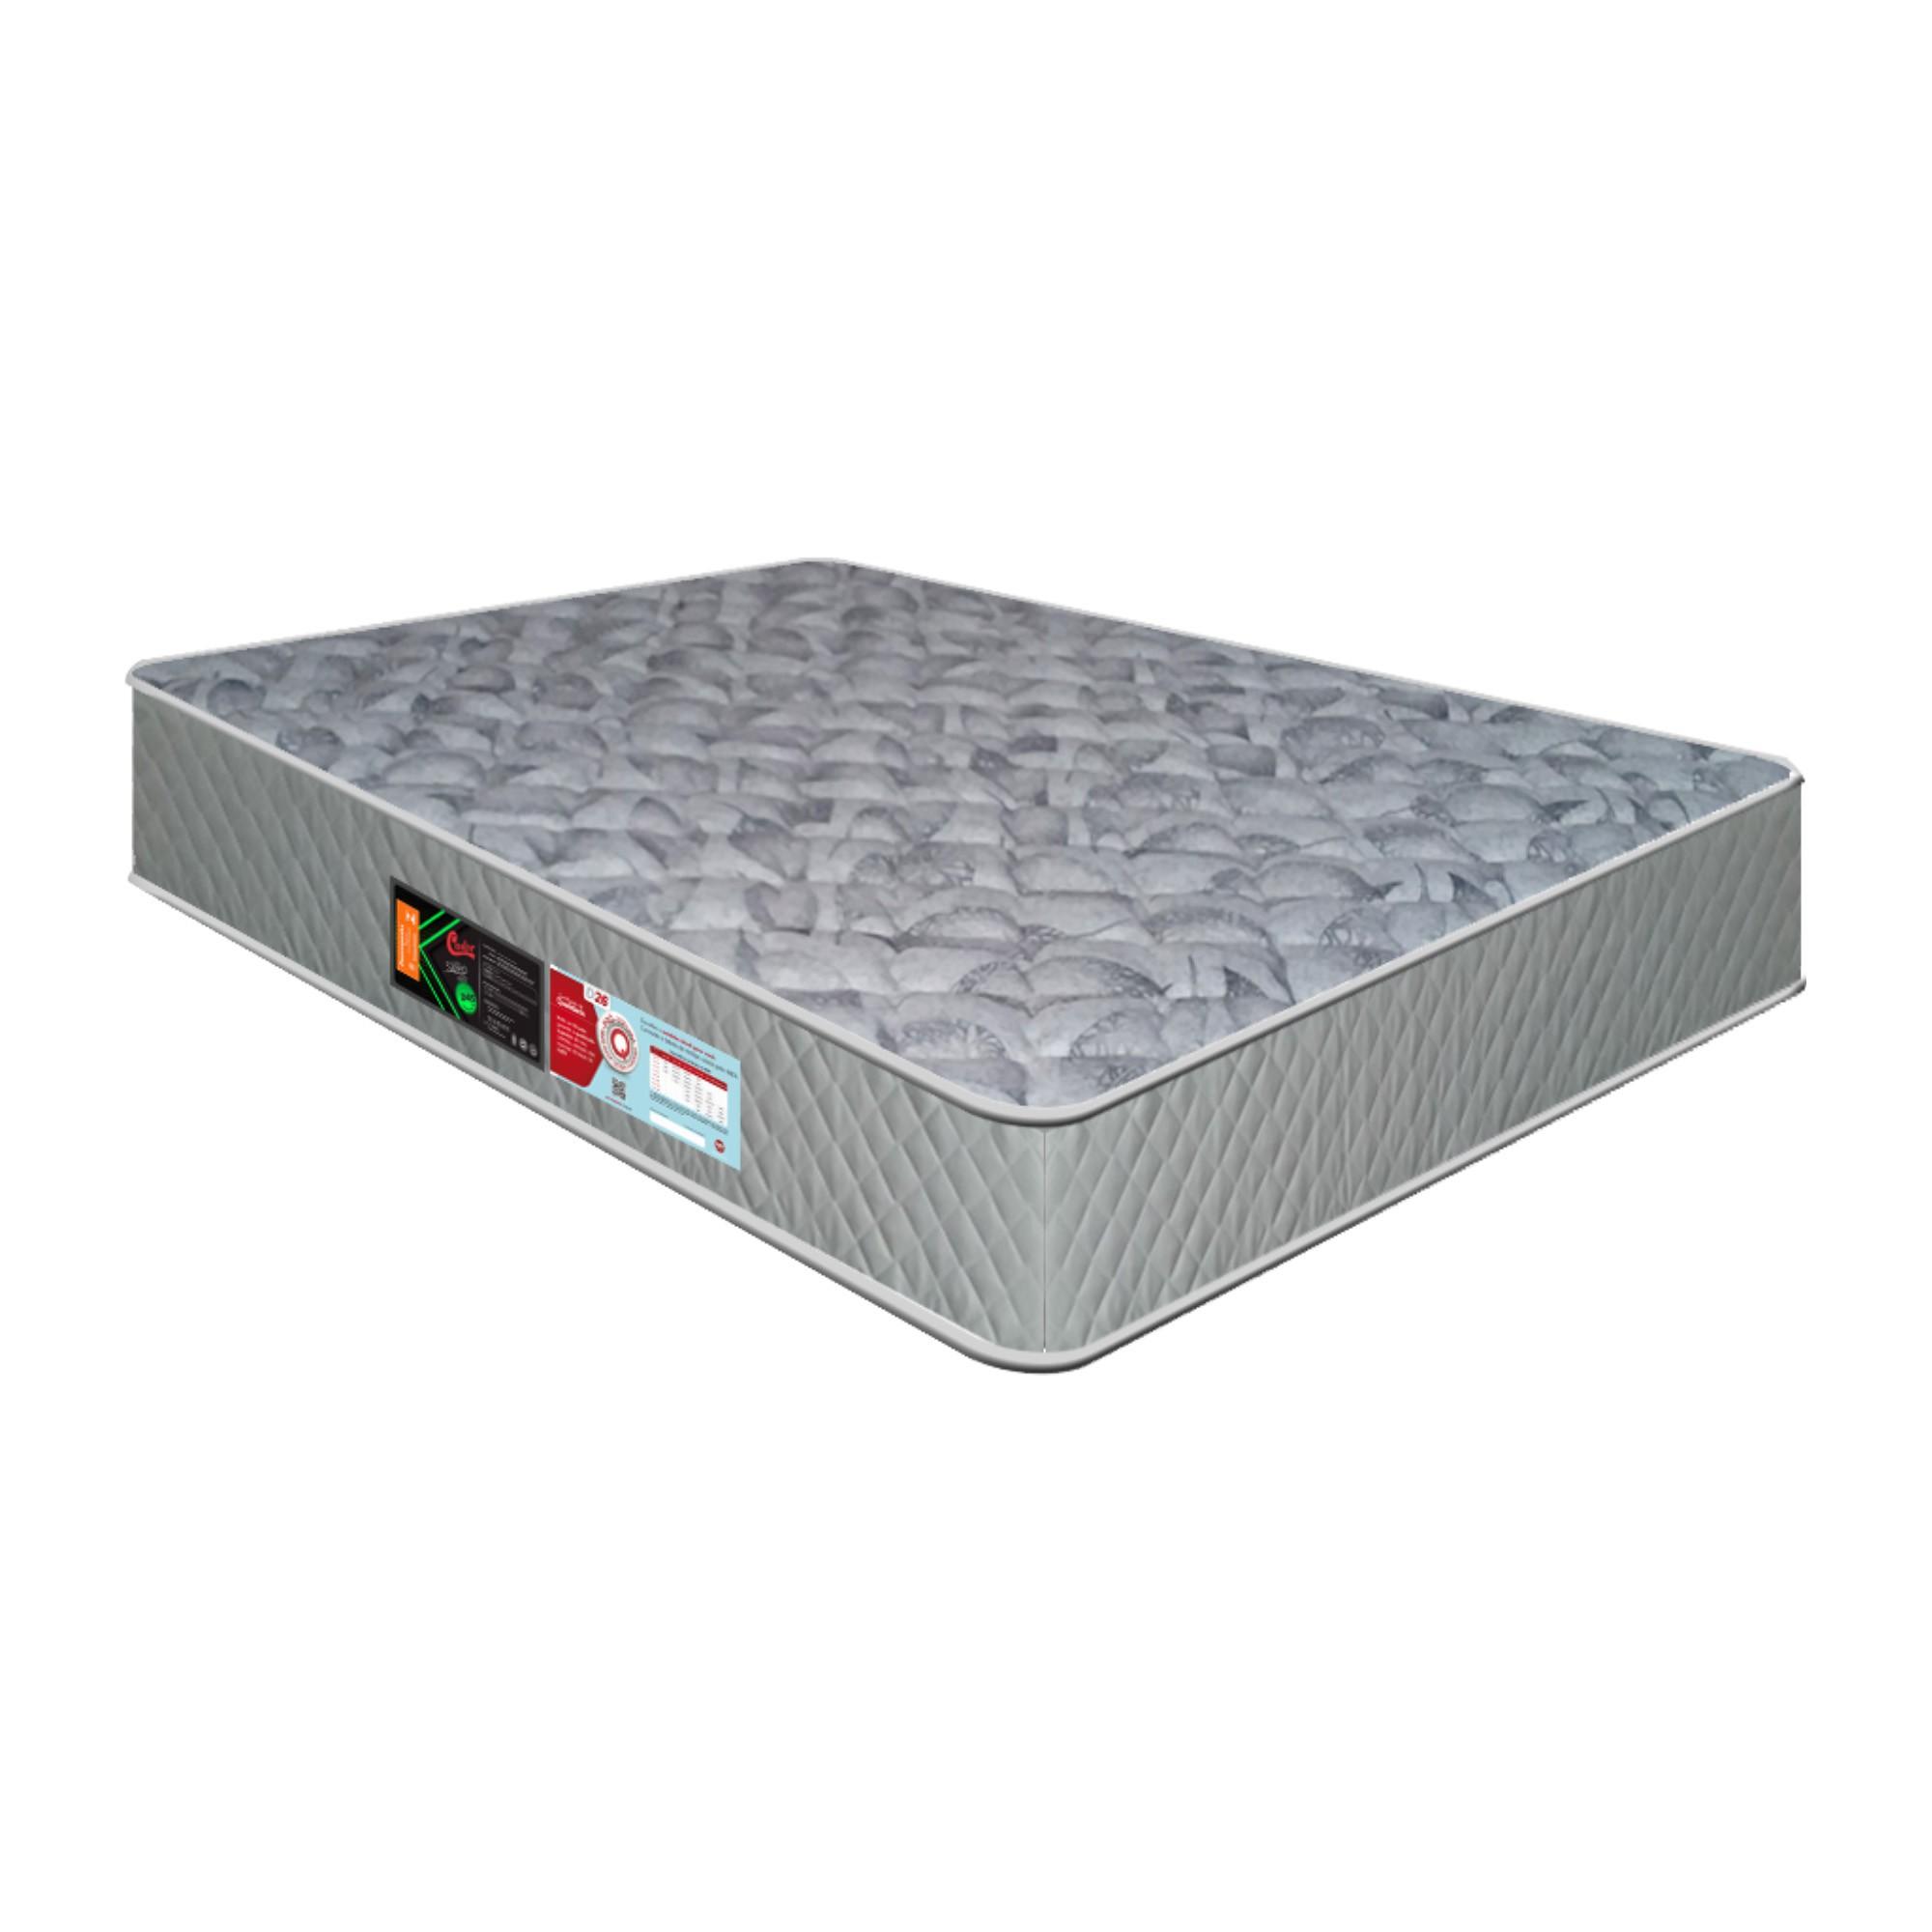 Colchão Castor Sleep Max D33 25 cm [Solteiro 078 x 188 cm]